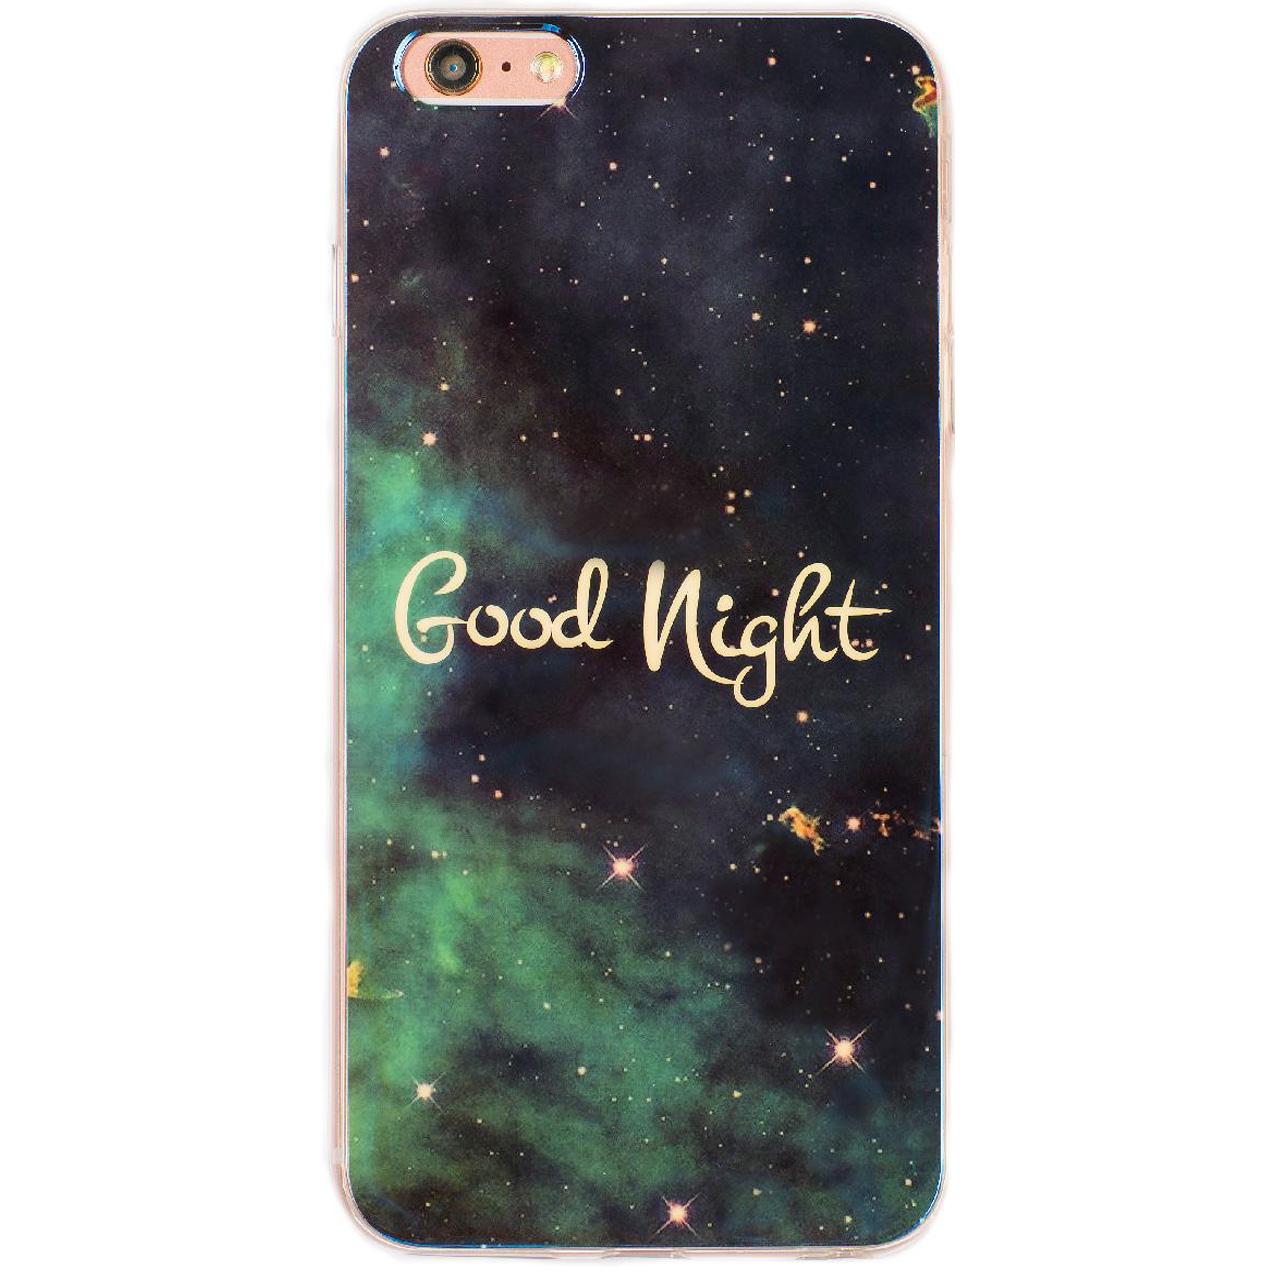 کاورژله ای مدلGood Nightمناسب برای گوشی موبایل آیفون 6/6s